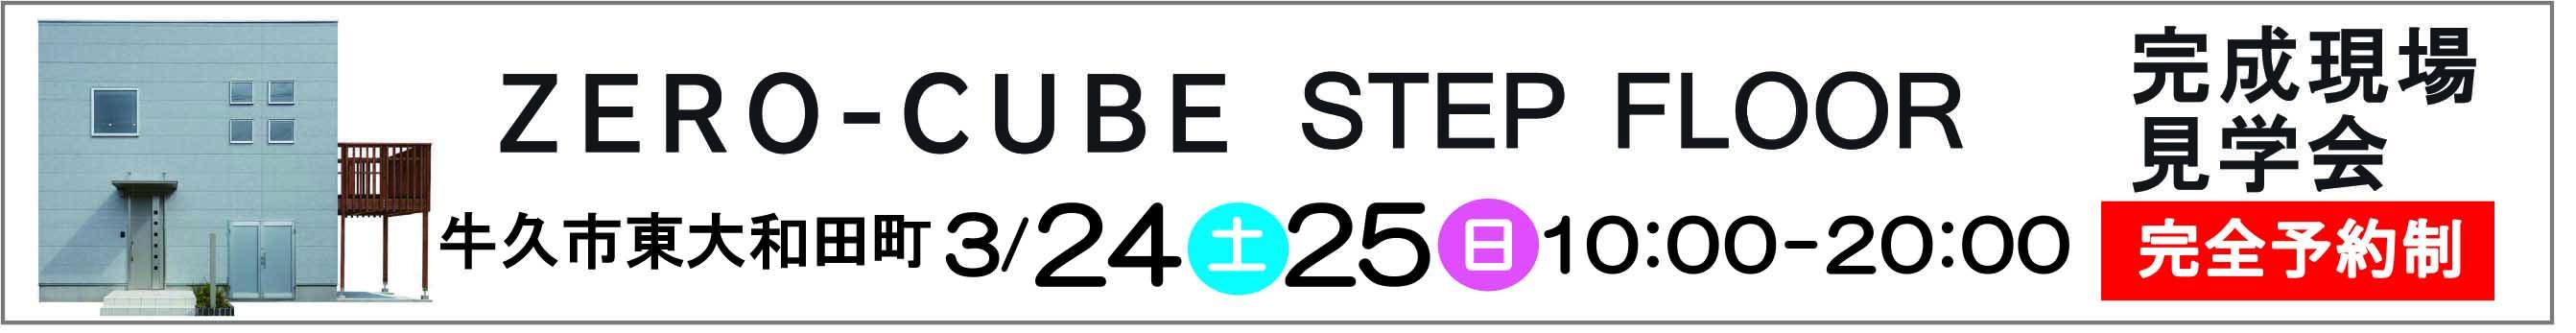 777fd853 d3c9 4e50 9a79 a32ca1e82b51